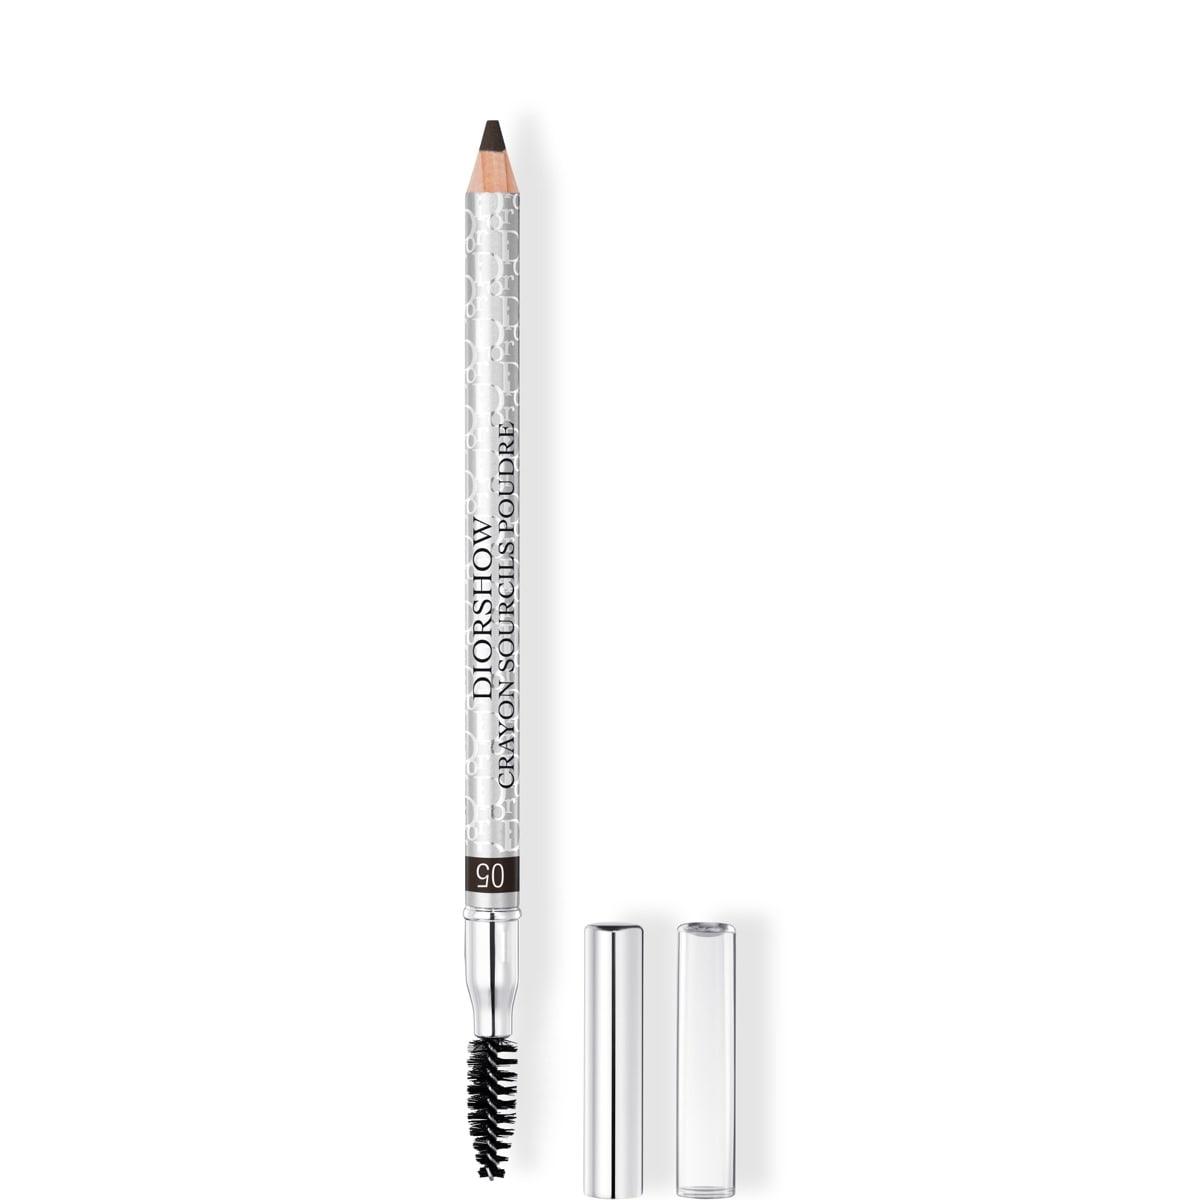 Dior - Diorshow Sourcils Poudre - Crayon à sourcils waterproof